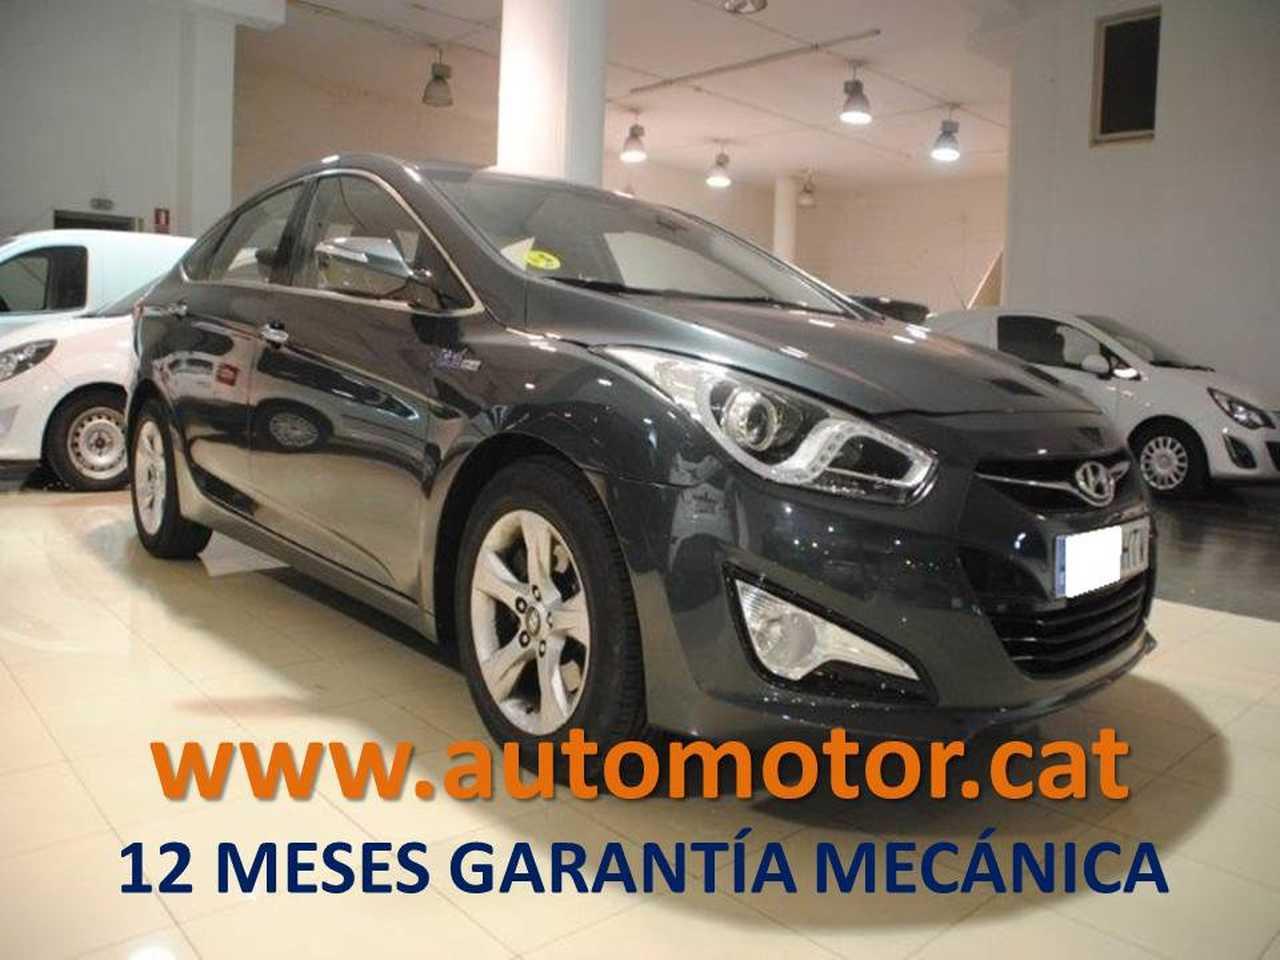 Hyundai i40 1.7CRDI GLS Bluedrive Tecno 136 - GARANTIA MECANICA  - Foto 1